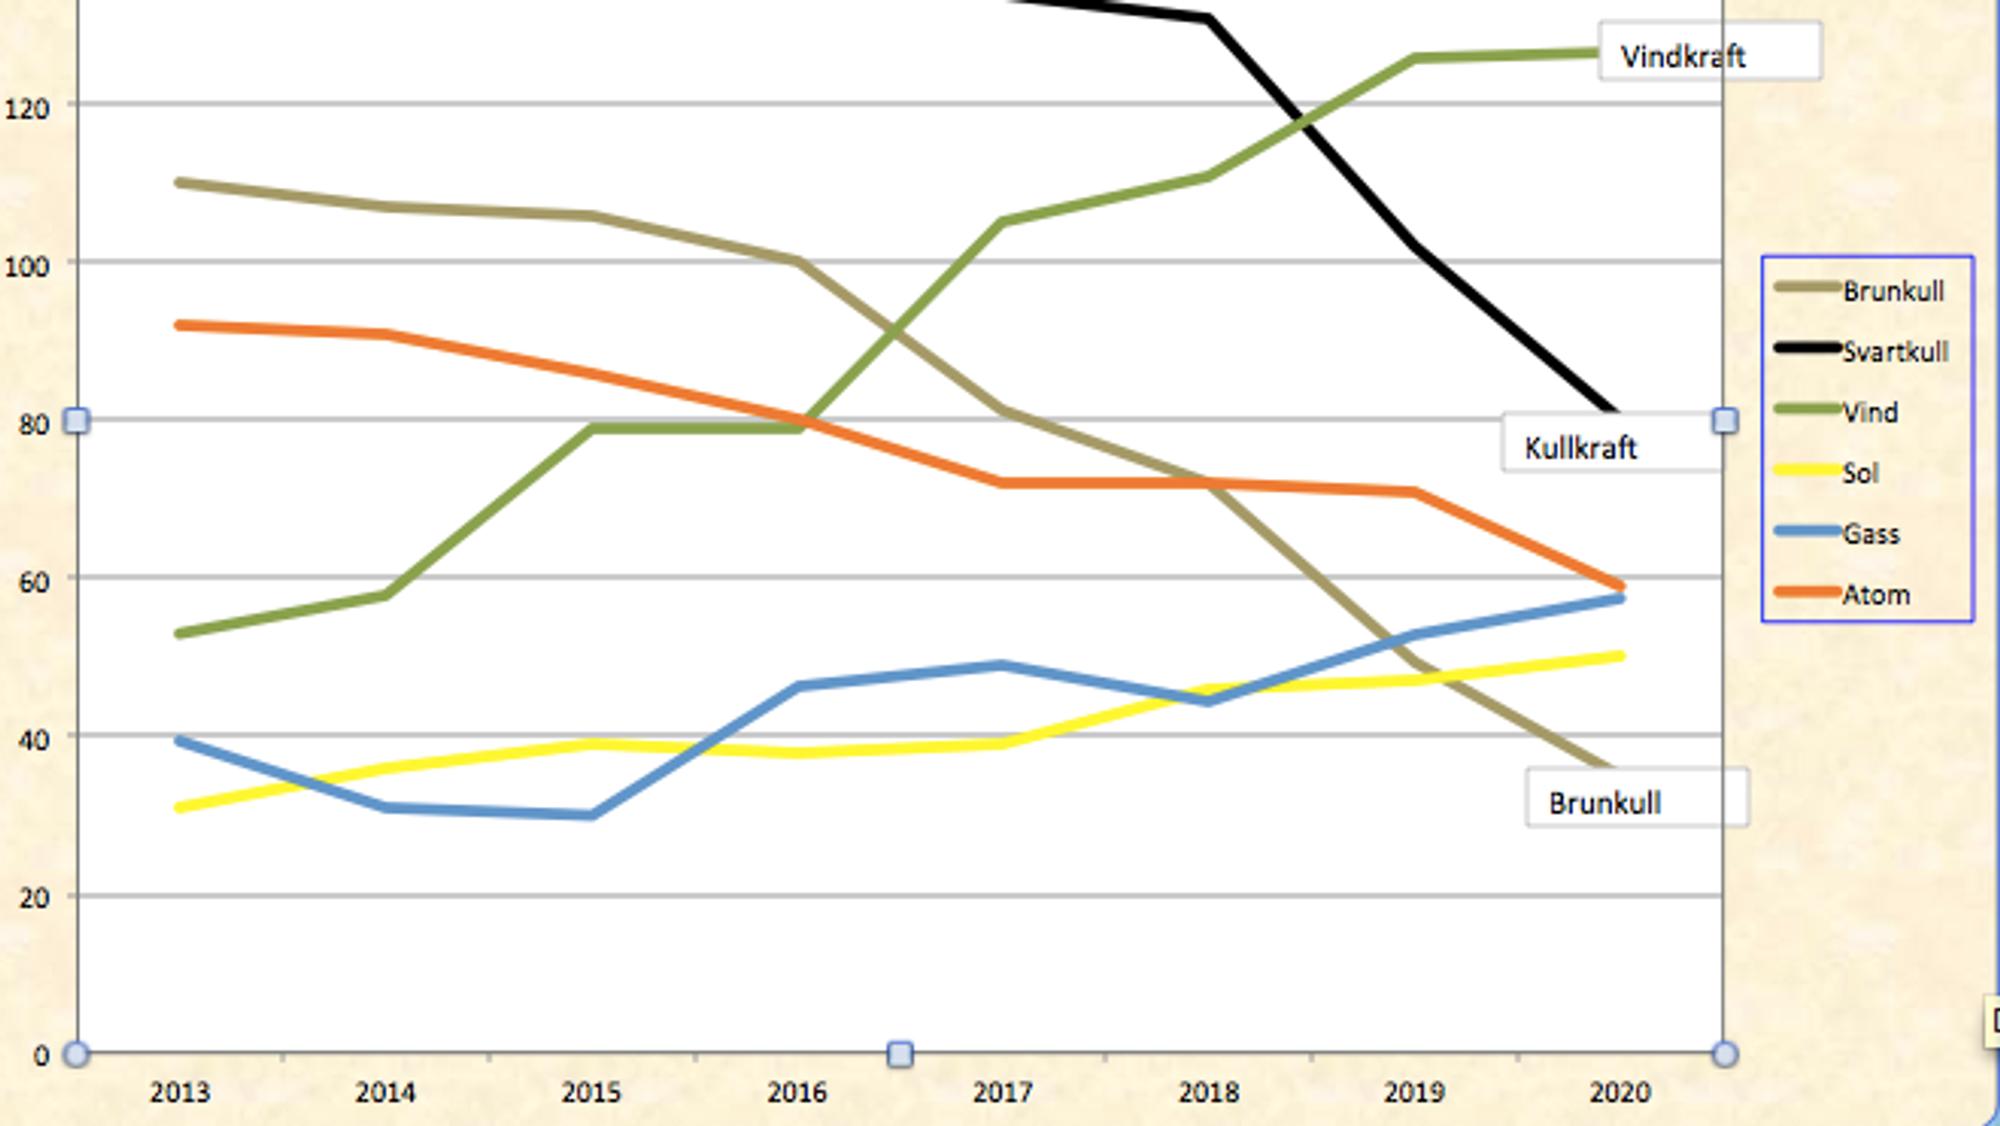 Bruken av vindkraft øker i Tyskland. Bruken av kullkraft faller.